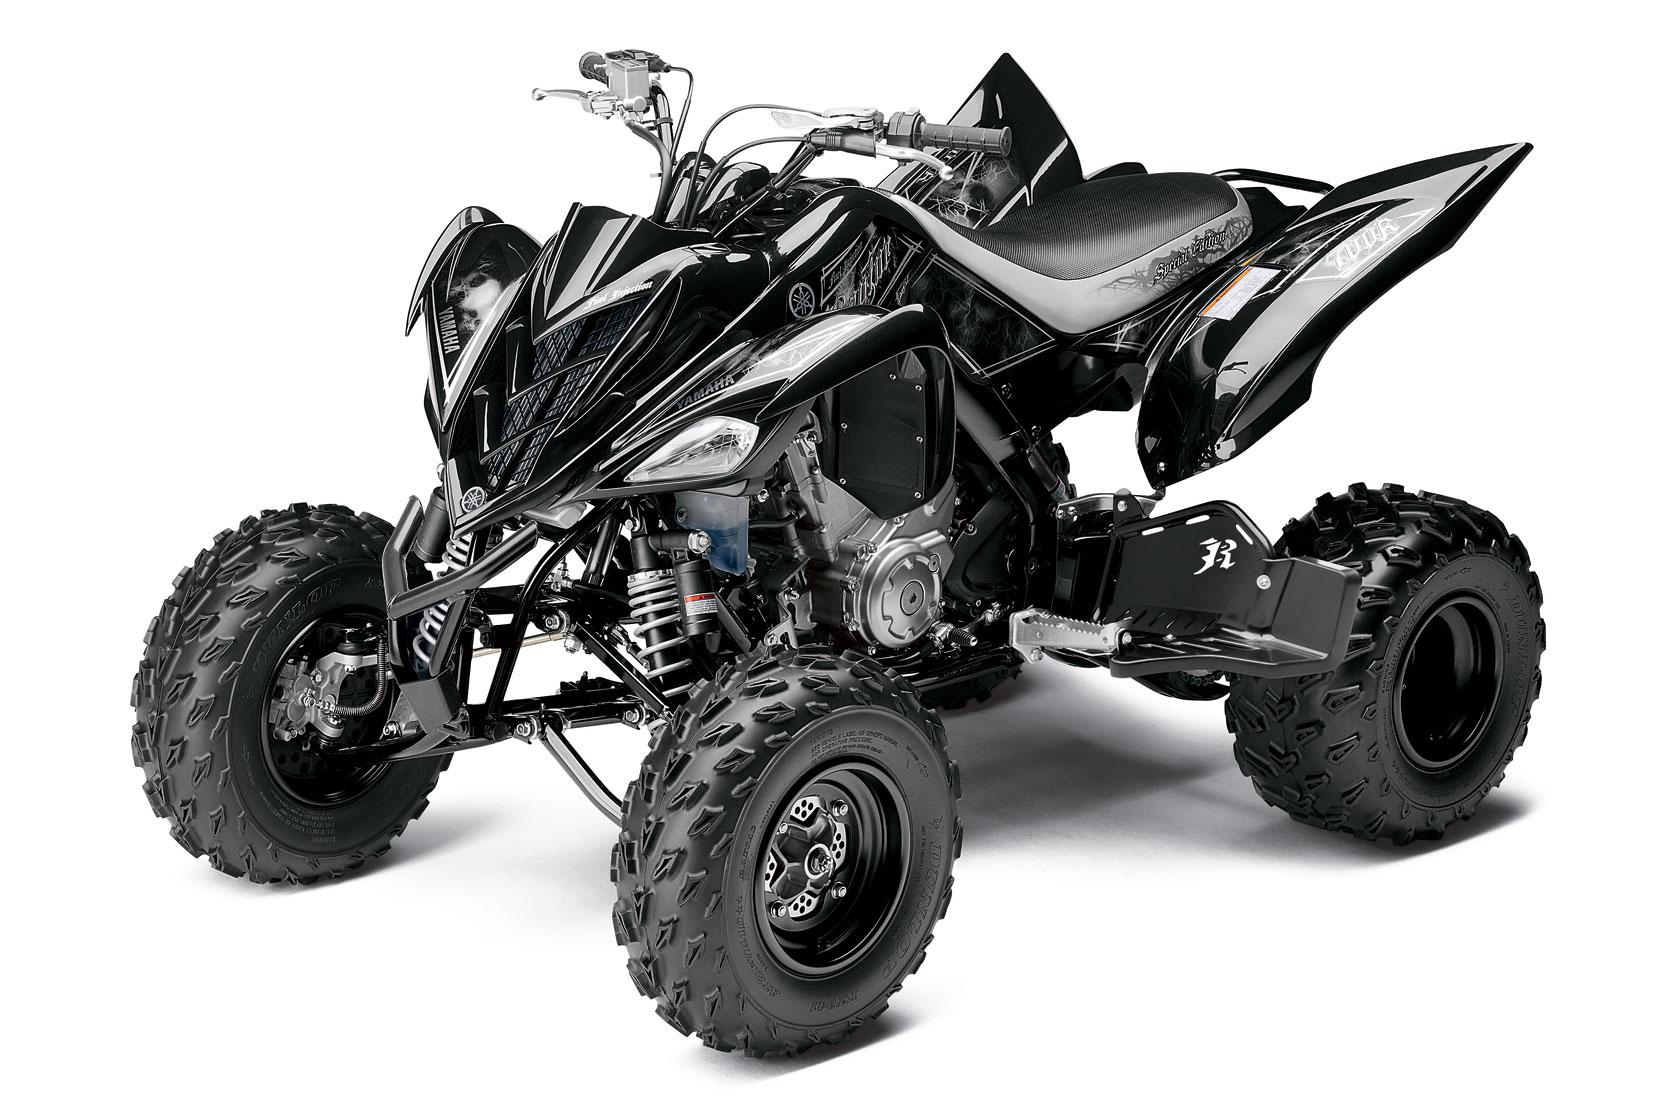 Yamaha Raptor Ride On Toy ManualYamaha Raptor Ride On Toy ...